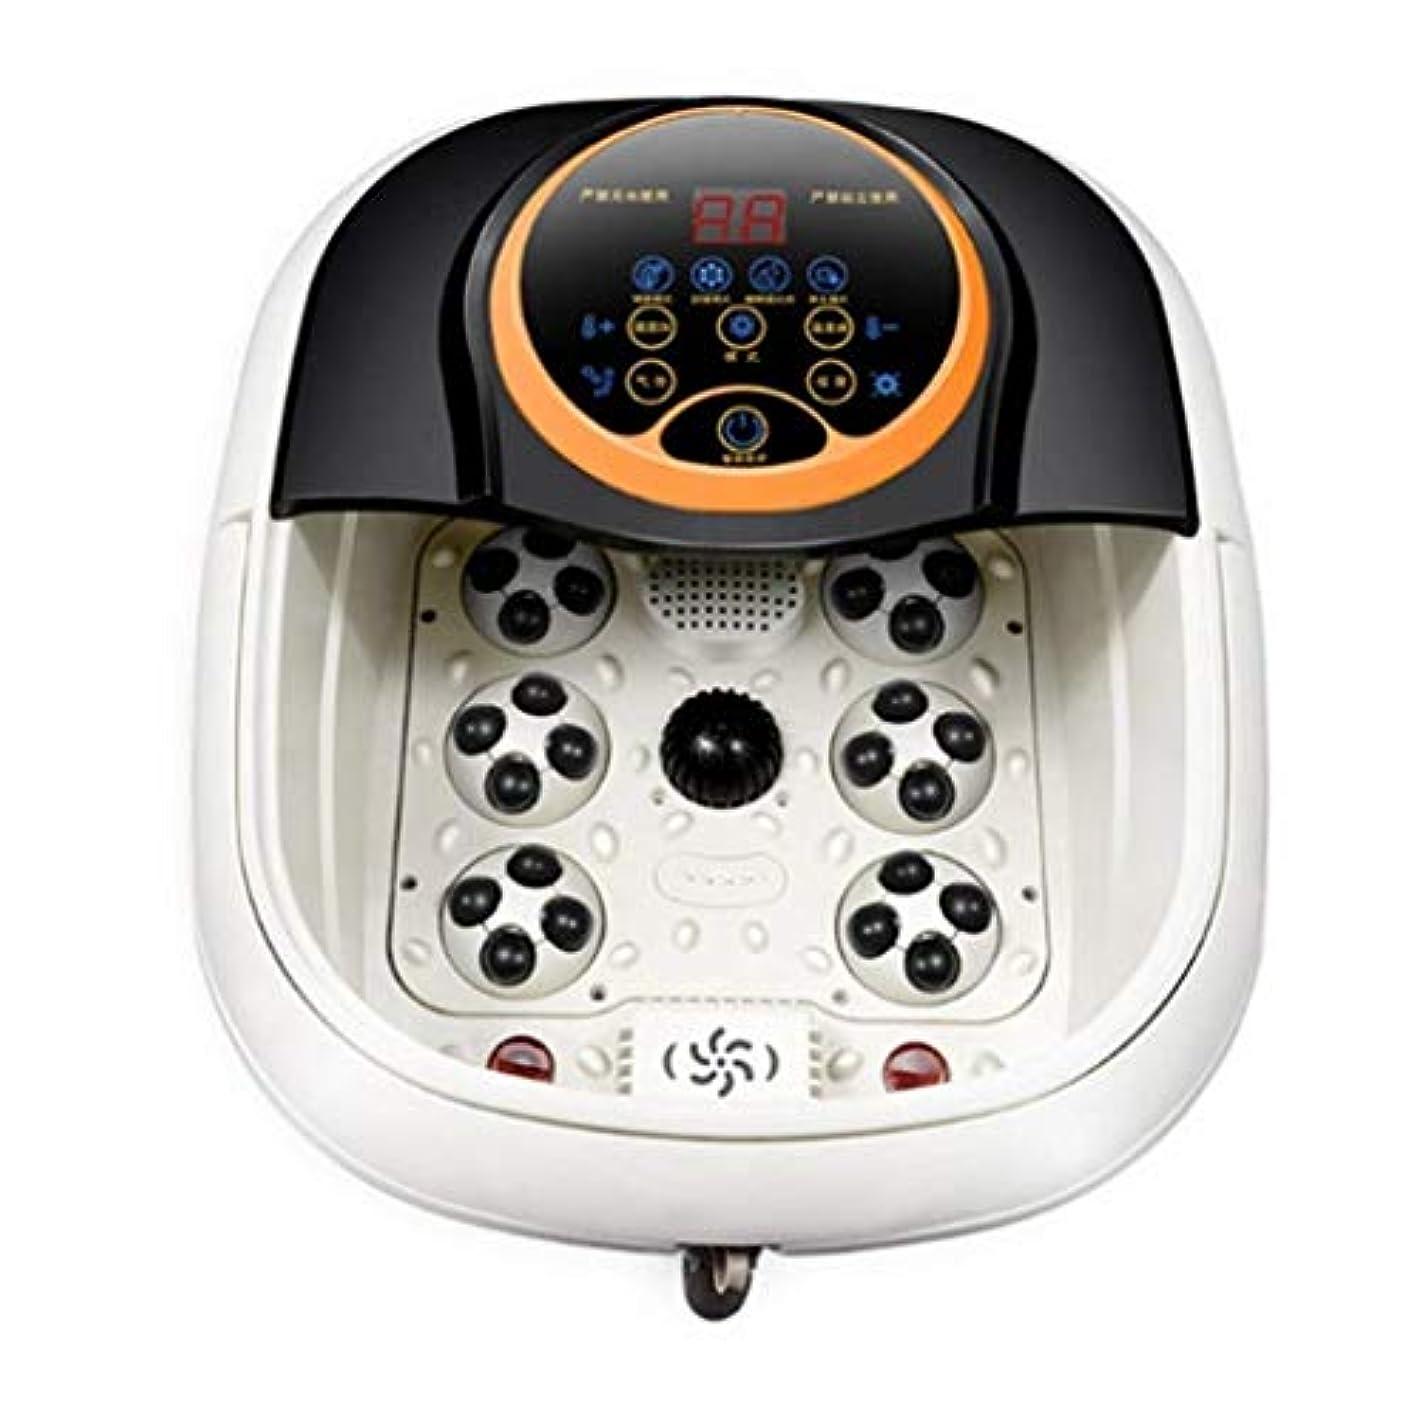 フットマッサージャー、電気加熱式フットマッサージバレルフットバスバレル、痛みの緩和、血液循環/睡眠の促進、ストレスの緩和、ホームオフィスでの使用